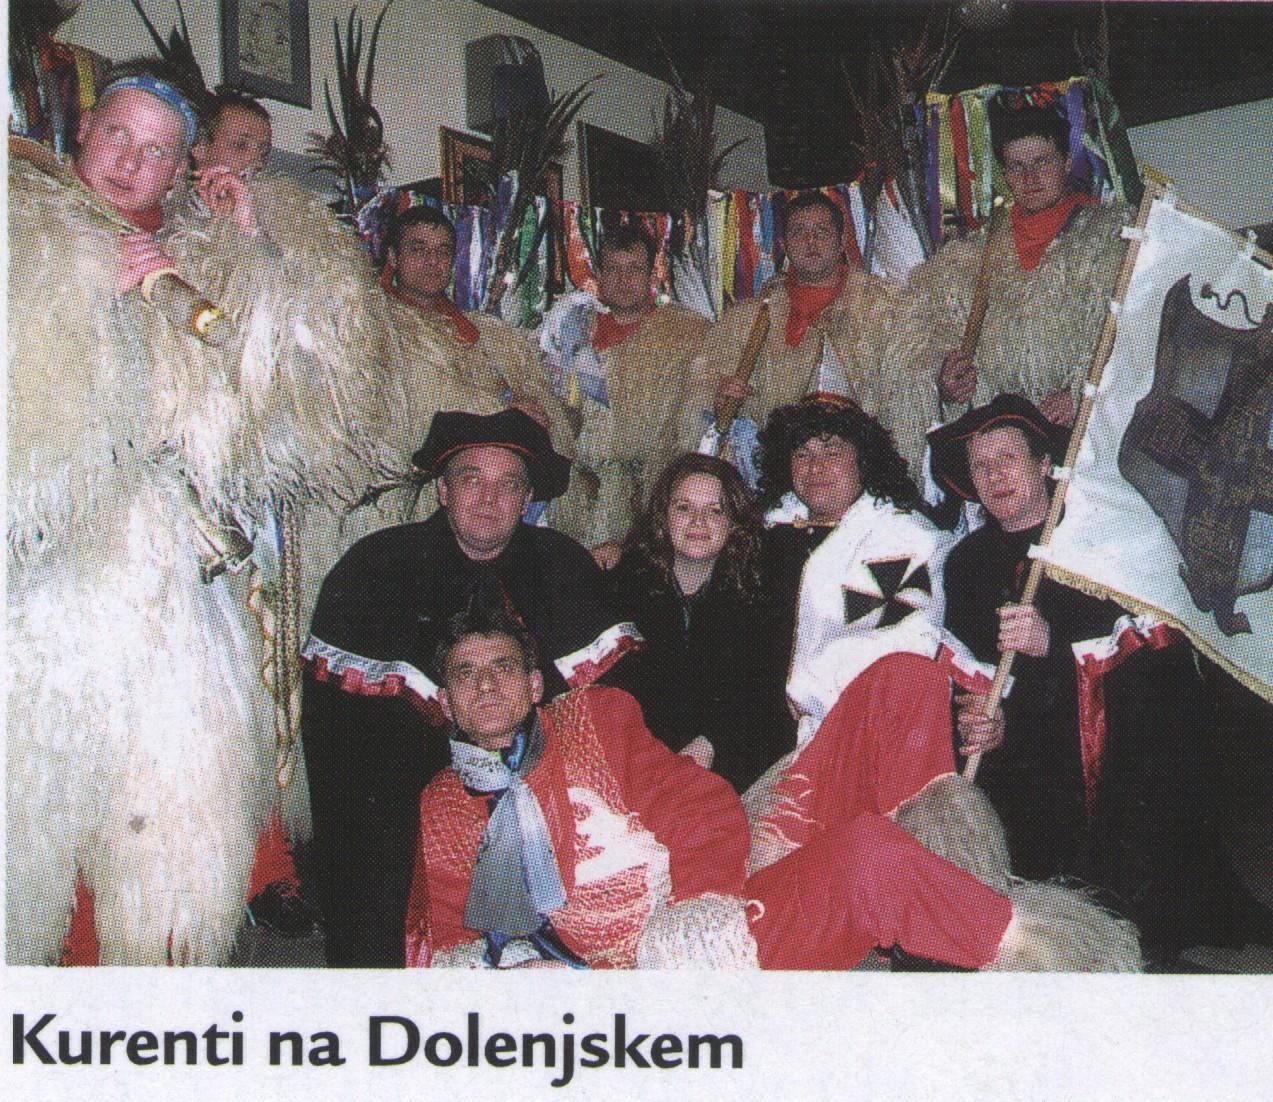 koranti_na_dolenjskem